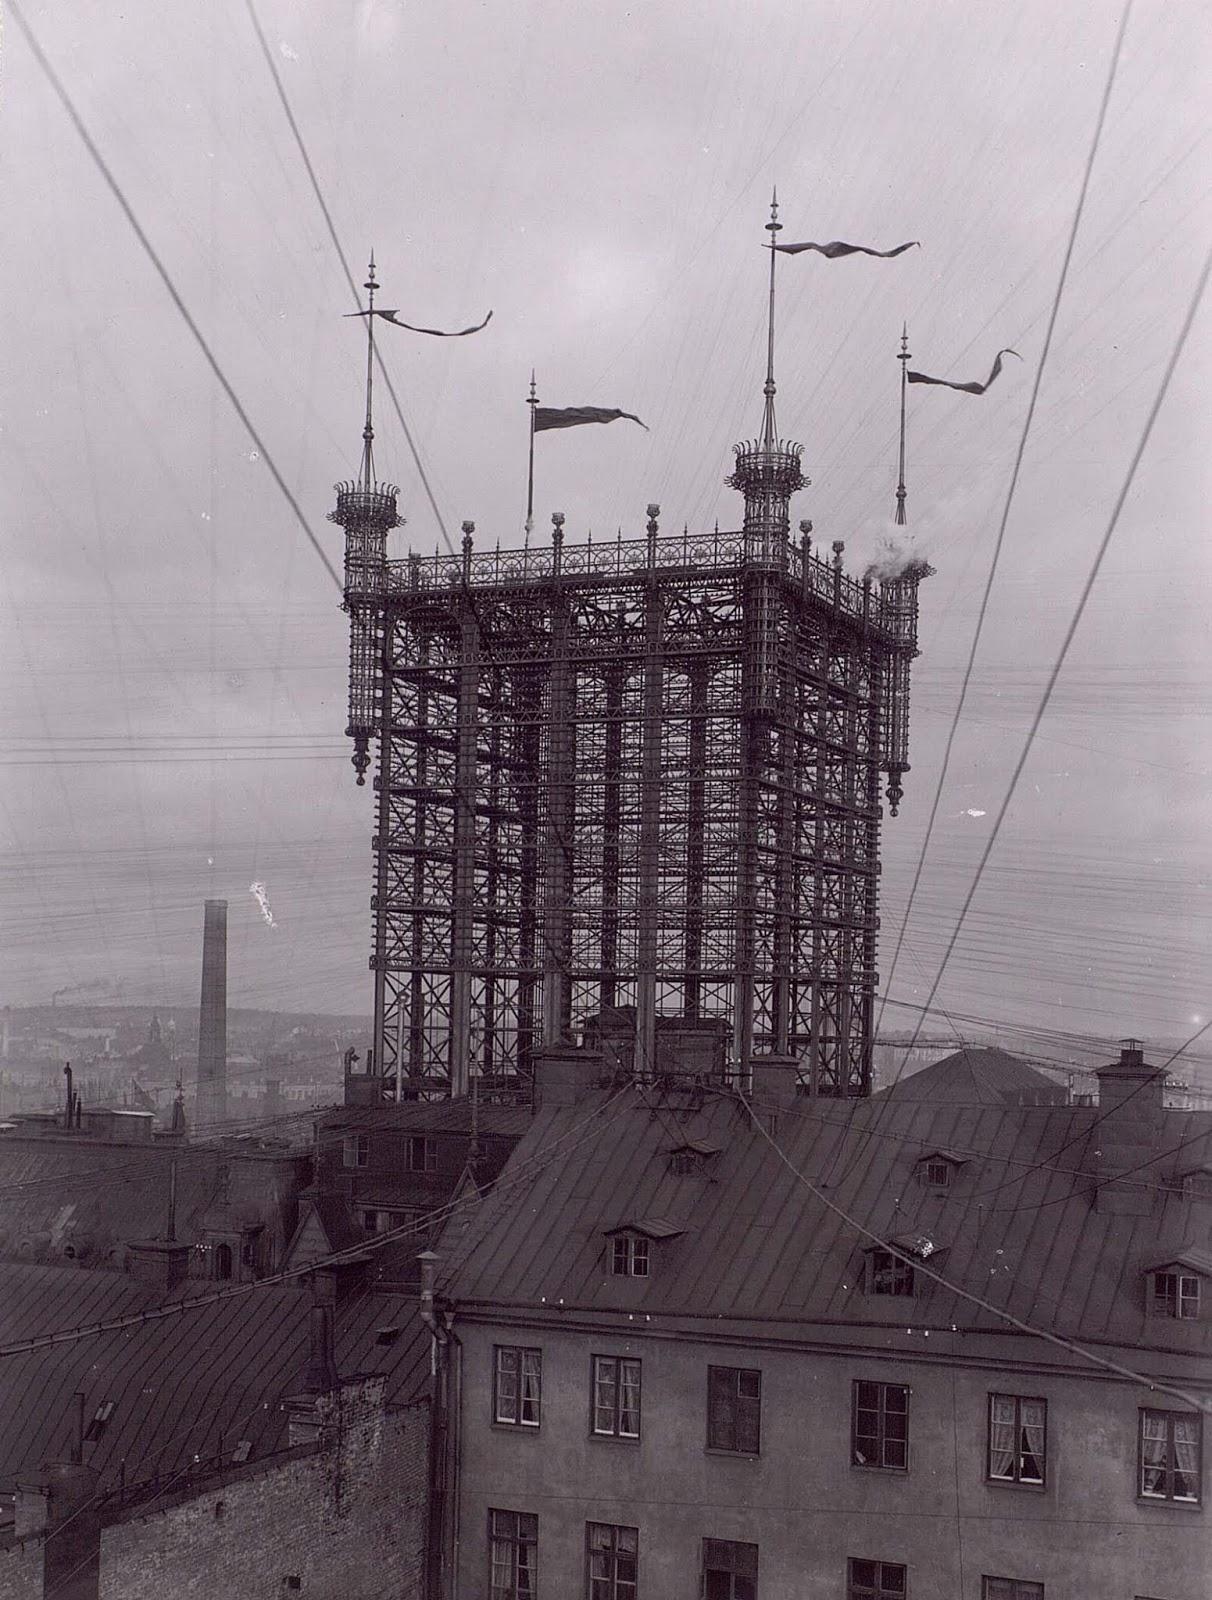 Кулата в Стокхолм, Швеция, е създадена през 1890 г. и към нея са свързани около 5000 линии, разпръснати във всички посоки в града.